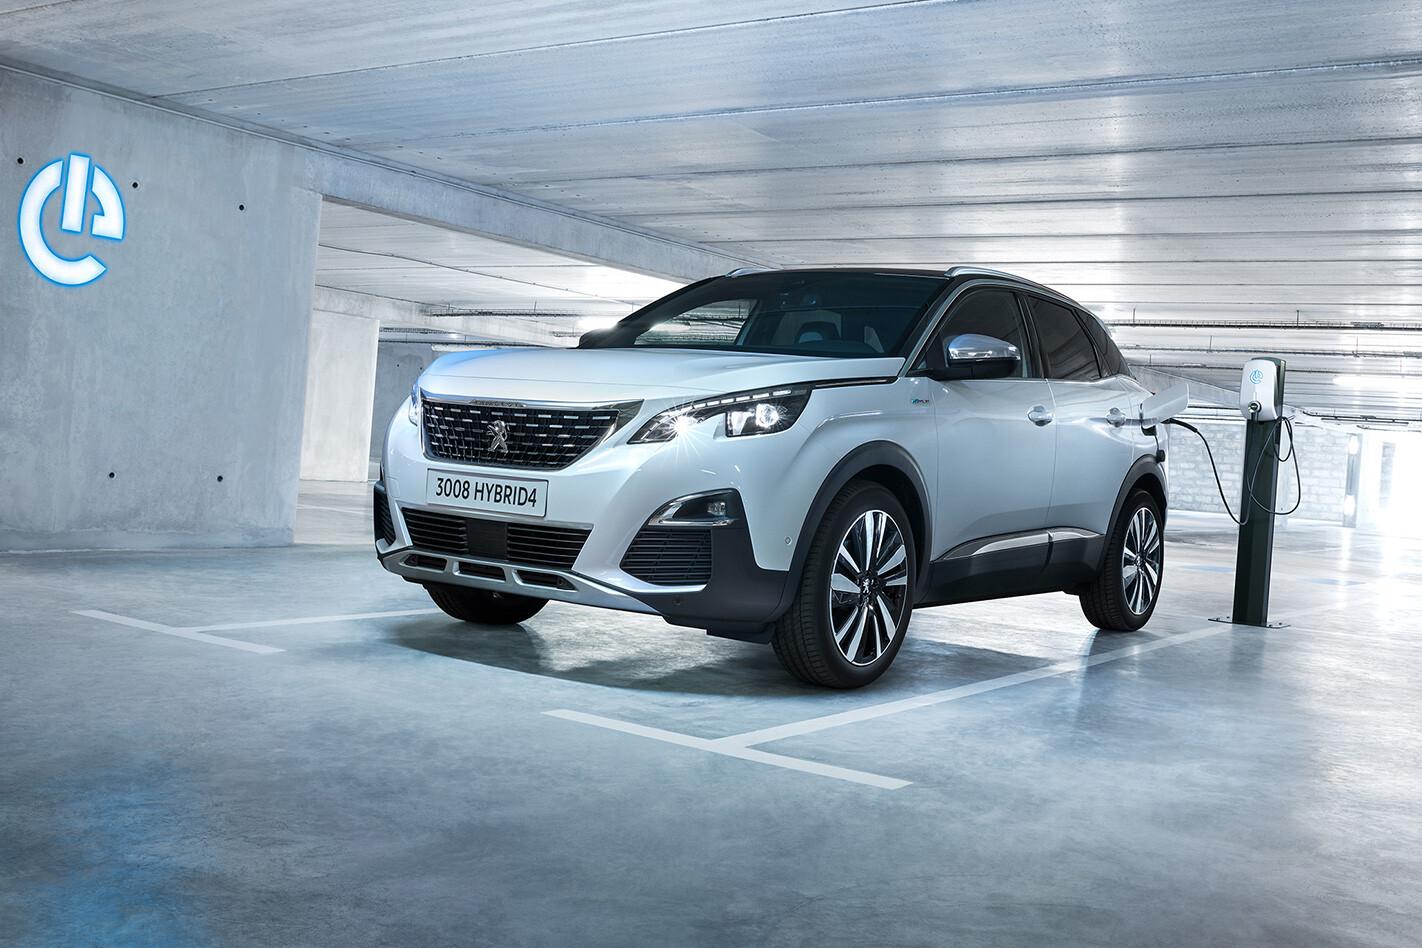 Peugeot Hybrid Front Jpg